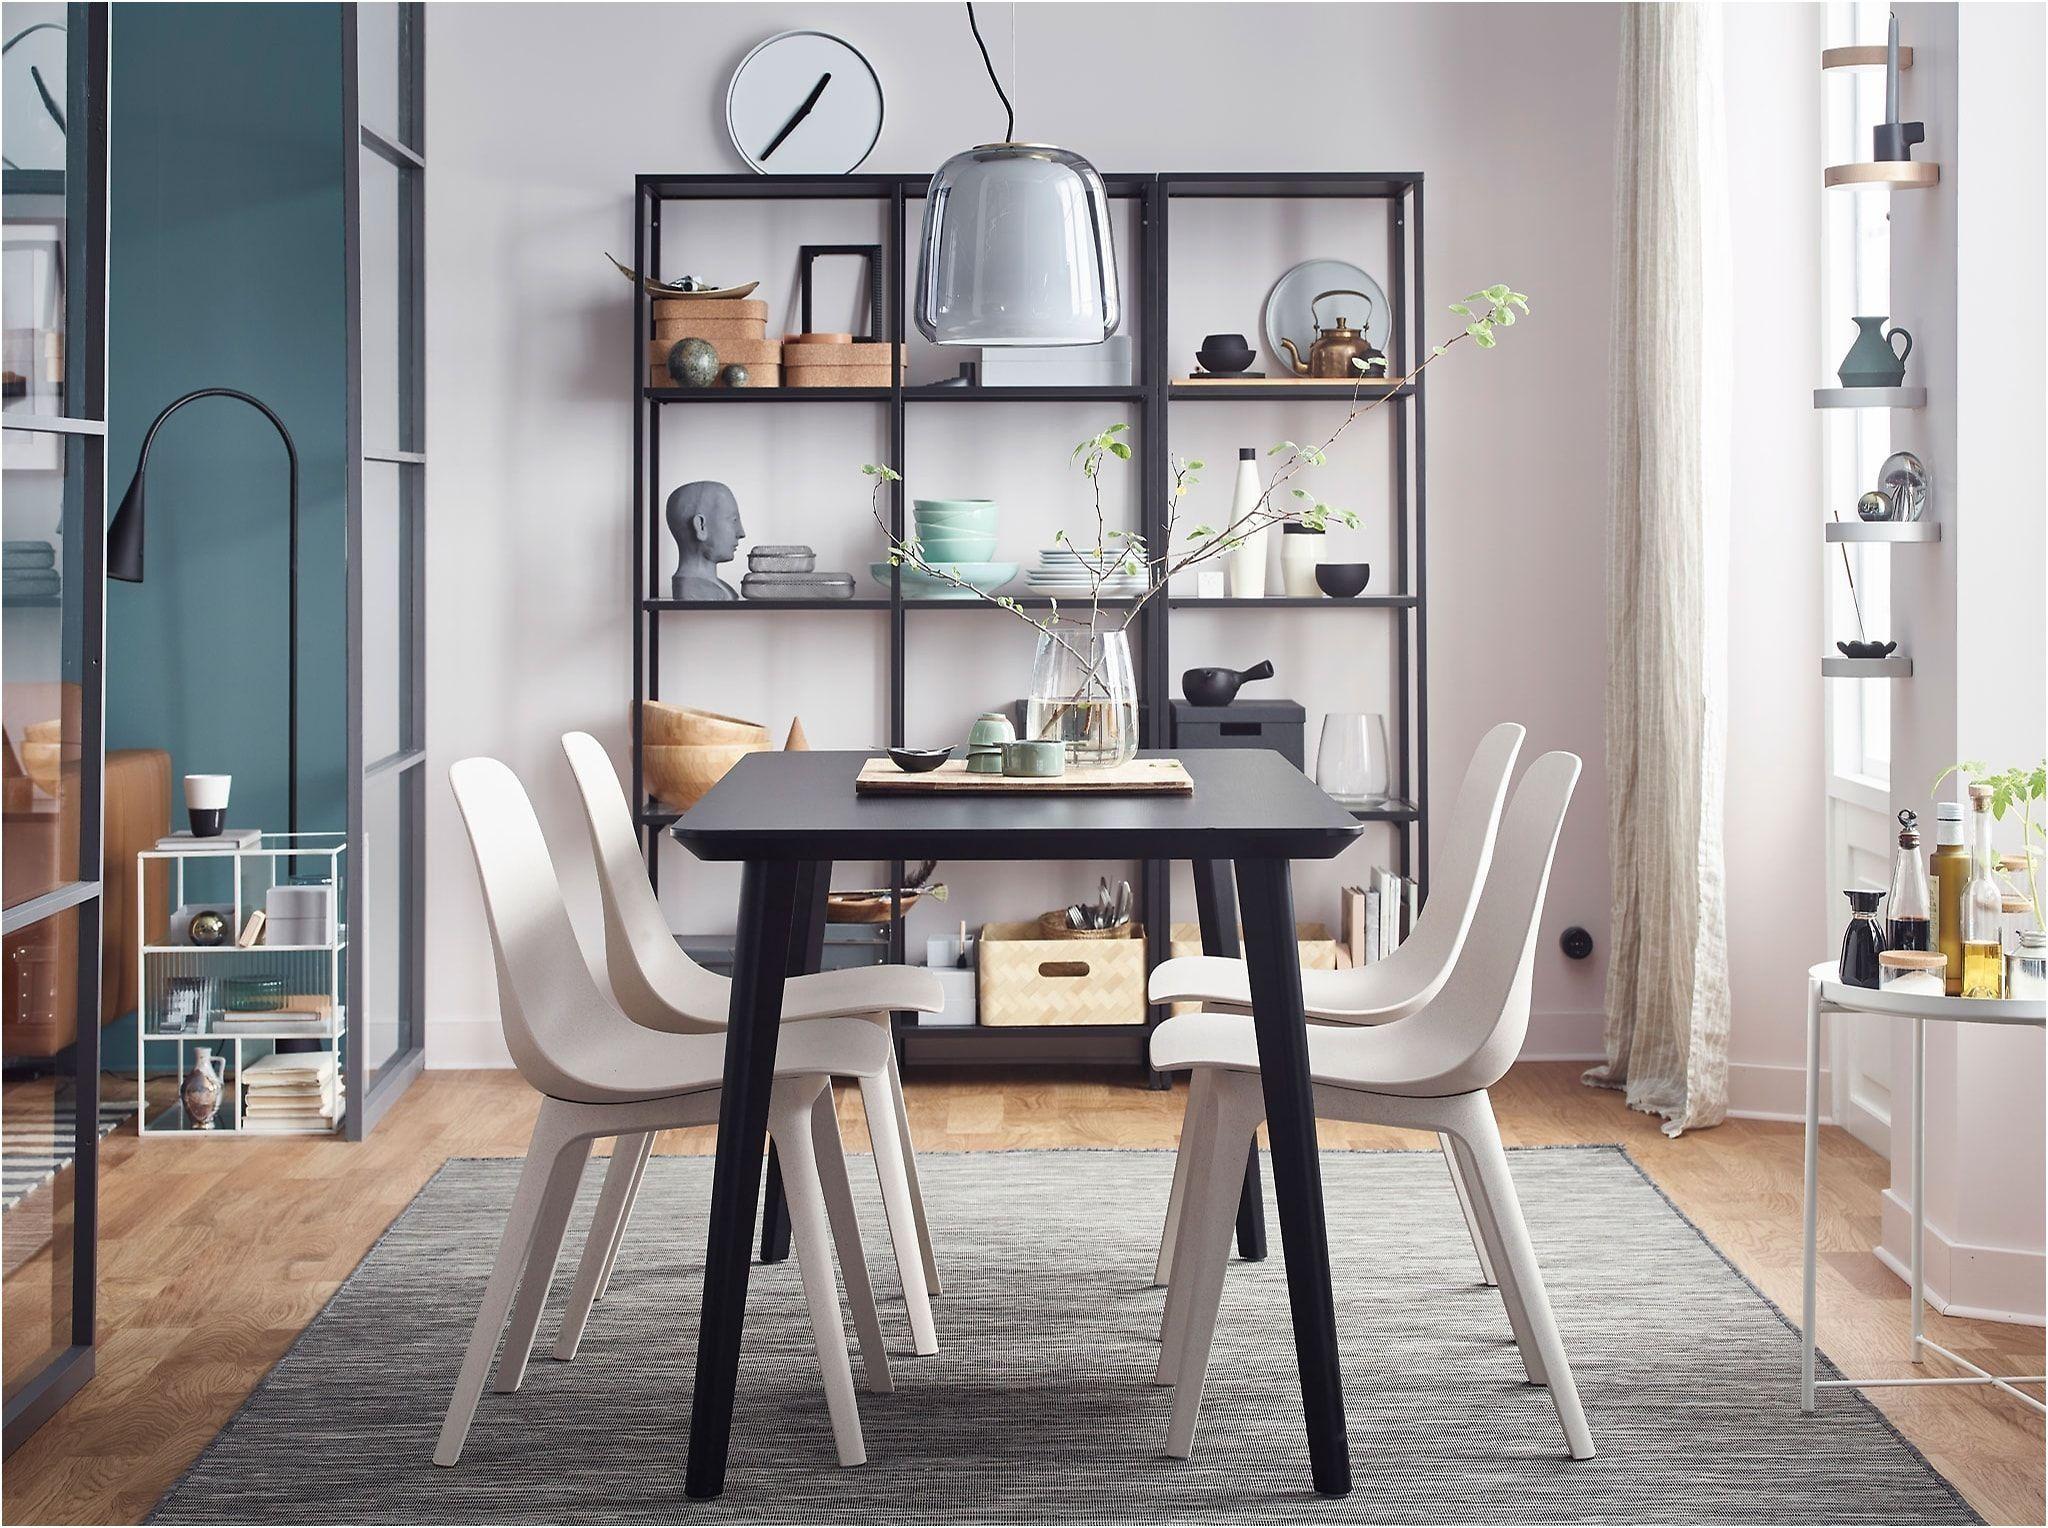 10 Amusant Ikea Table Salle À Manger Photos | Eetkamer Ikea pour Tables Salle À Manger Ikea